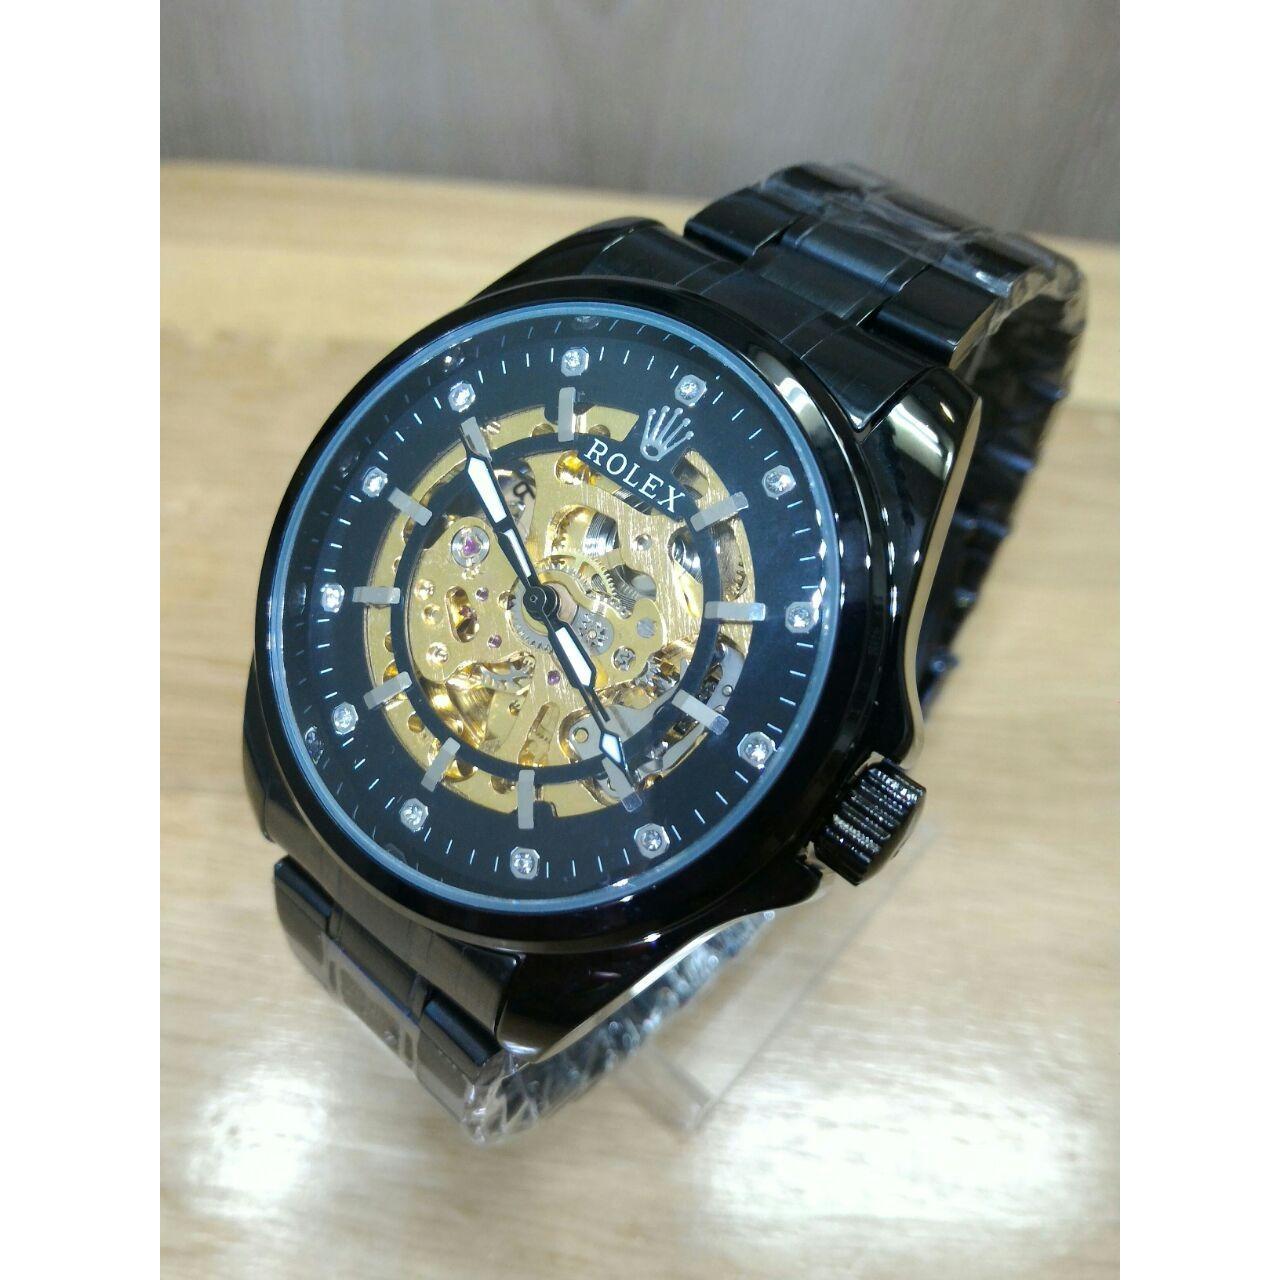 Jam Tangan Rolex-Automatic - Jam Tangan Formal Pria - Stainless Steel - jam tangan pria casual